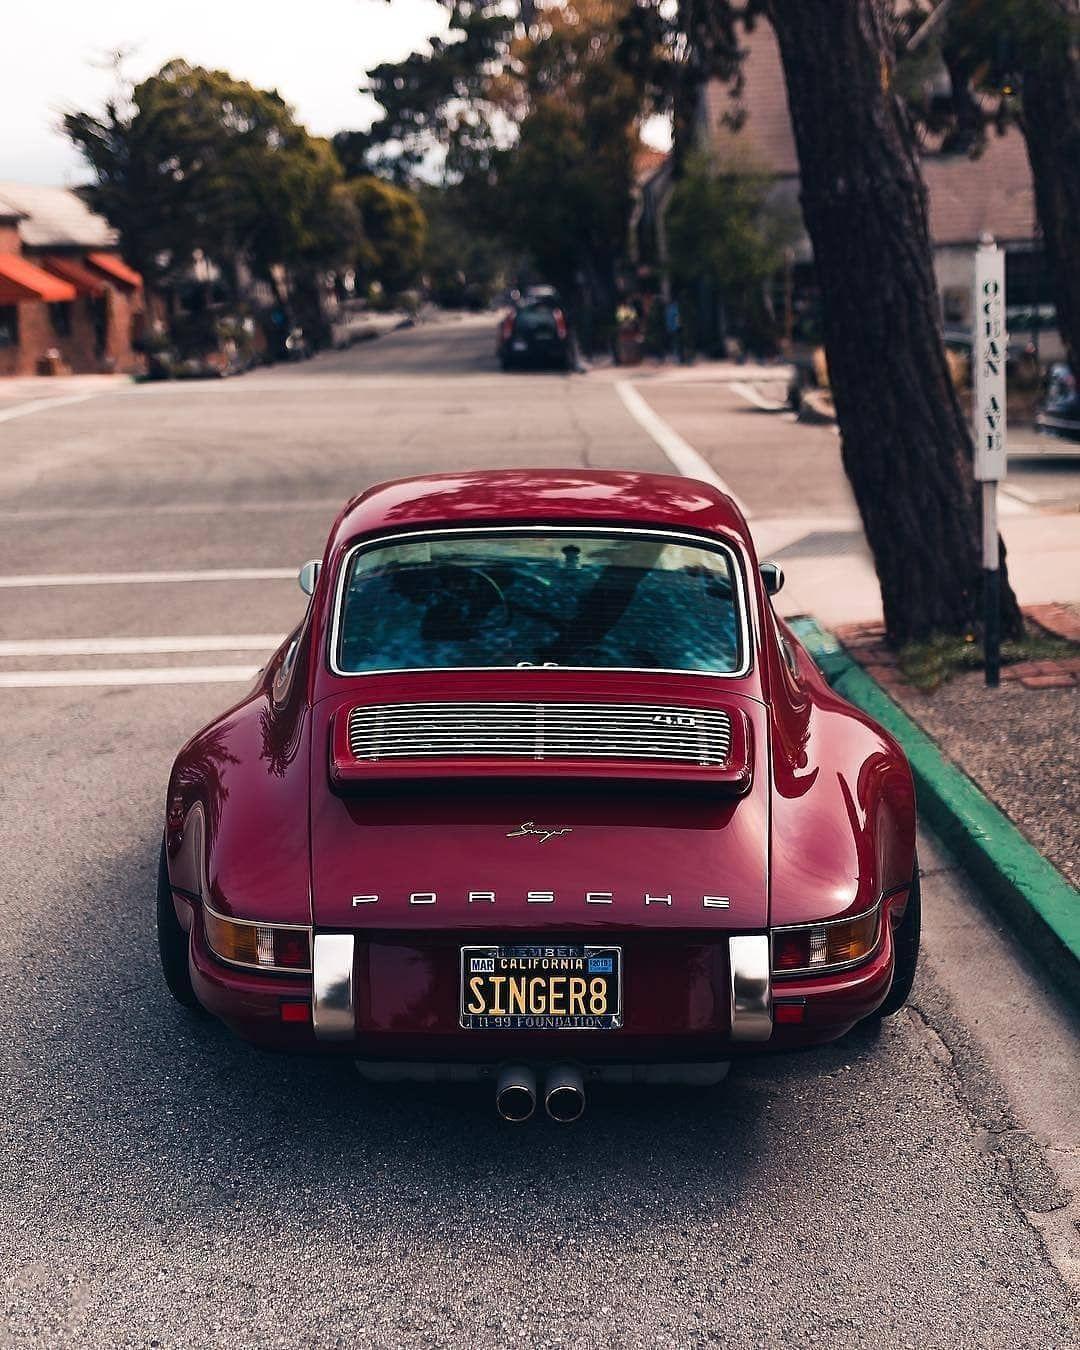 Porsche 911 (964) Custom par Singer Vehicle Design. ...... ???? @digitaldyslexia ... - Les VUS de votre famille, que nous connaissons pour leur allure plus sportive, appartiennent à la catégorie des camionnettes. Le SUV, qui est considéré comme l'acronyme du véhicule utilitaire sport anglais, est préféré en raison de sa construction de grande taille. Bien que les modèles de véhicules varient, la distance entre la tête et les genoux est généralement suffisante. Généralement considérés comme une gra #audivehicles